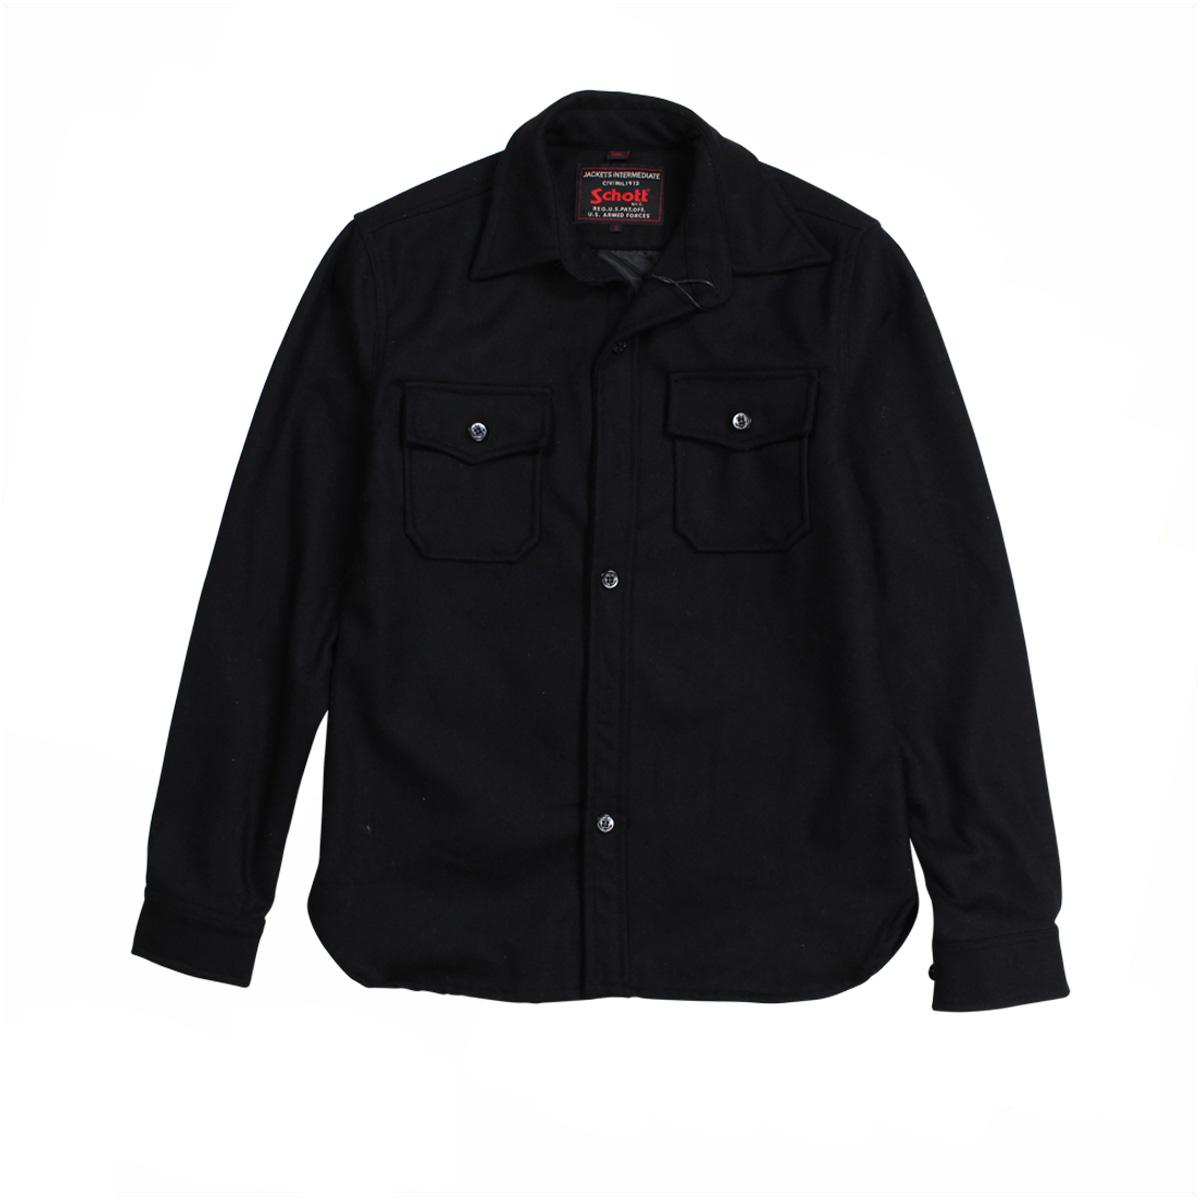 【訳あり】 ショット Schott ジャケット シャツジャケット メンズ EMBELLISHED CPO WOOL SHIRT ブラック 7710